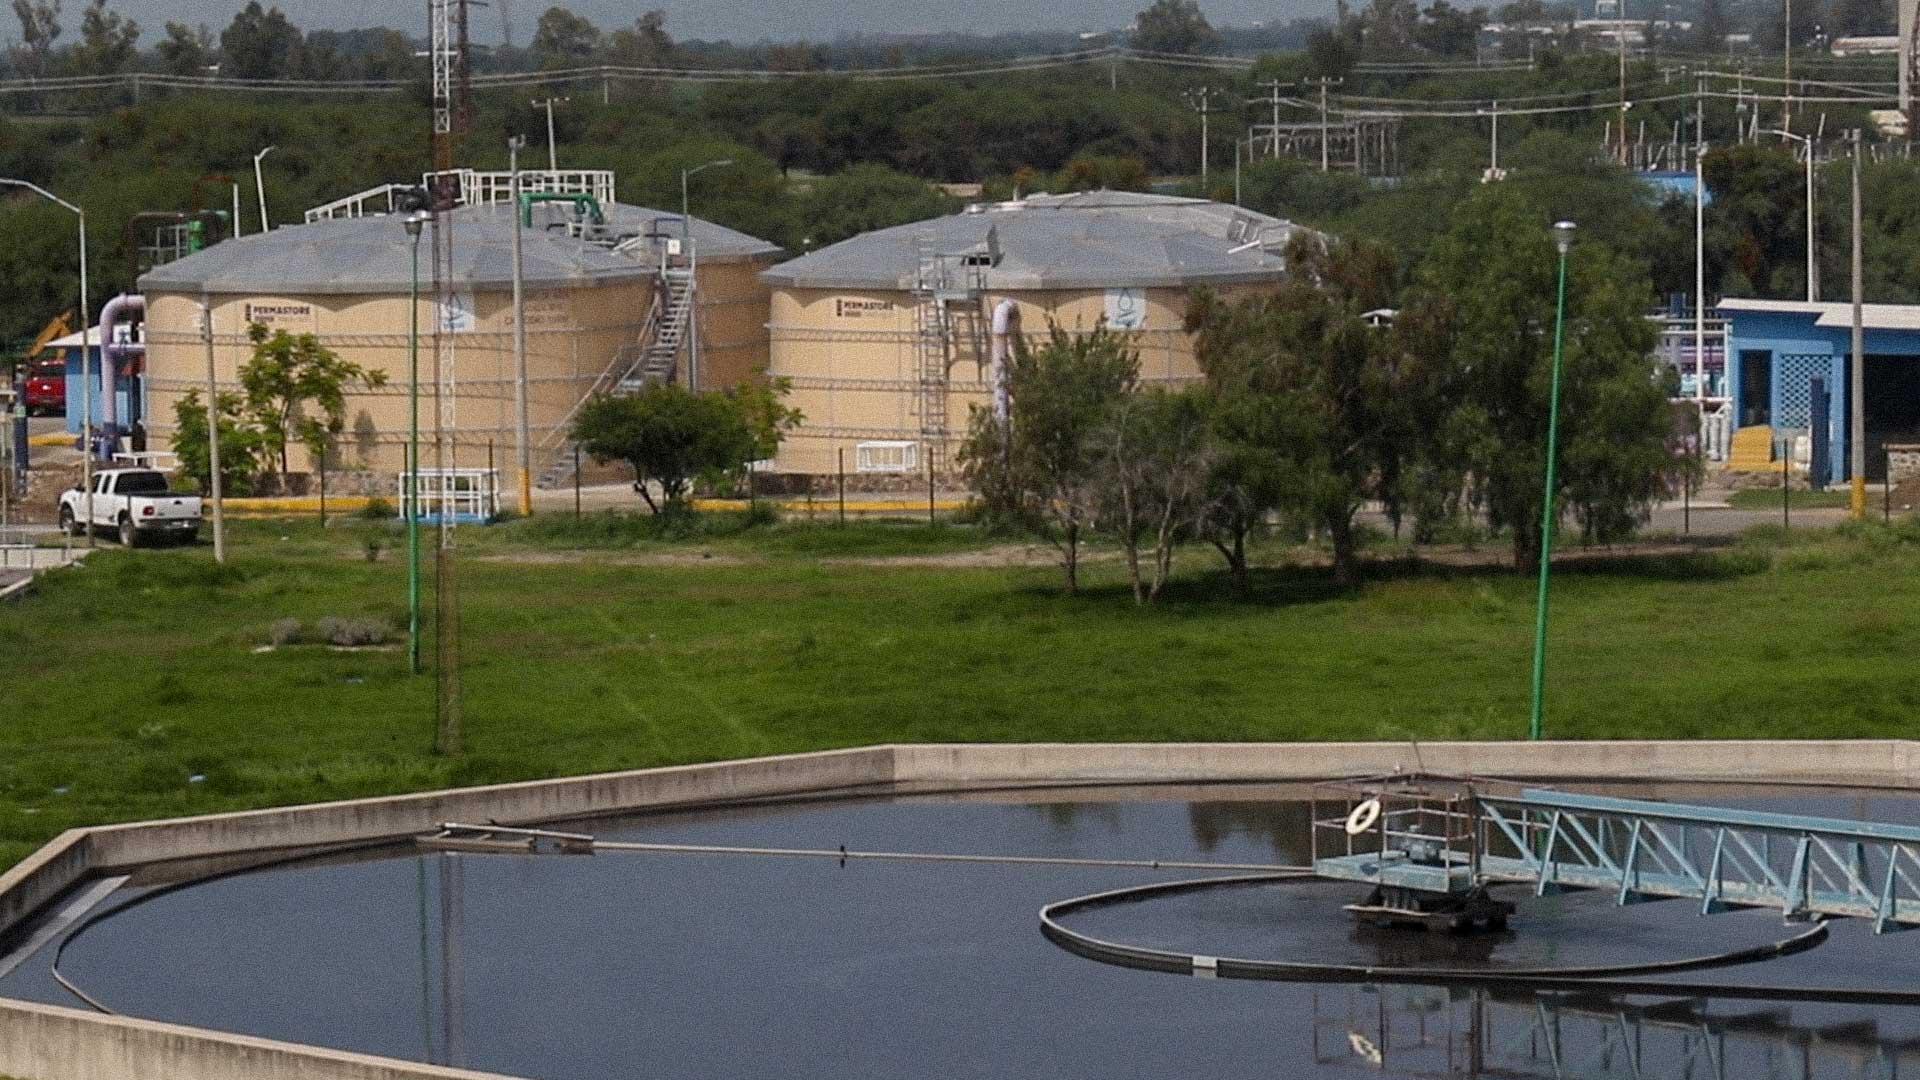 Las plantas de tratamiento de aguas en las ciudades no suelen cumplir con los estándares establecidos en las normas. Foto: Juan José Plascencia.